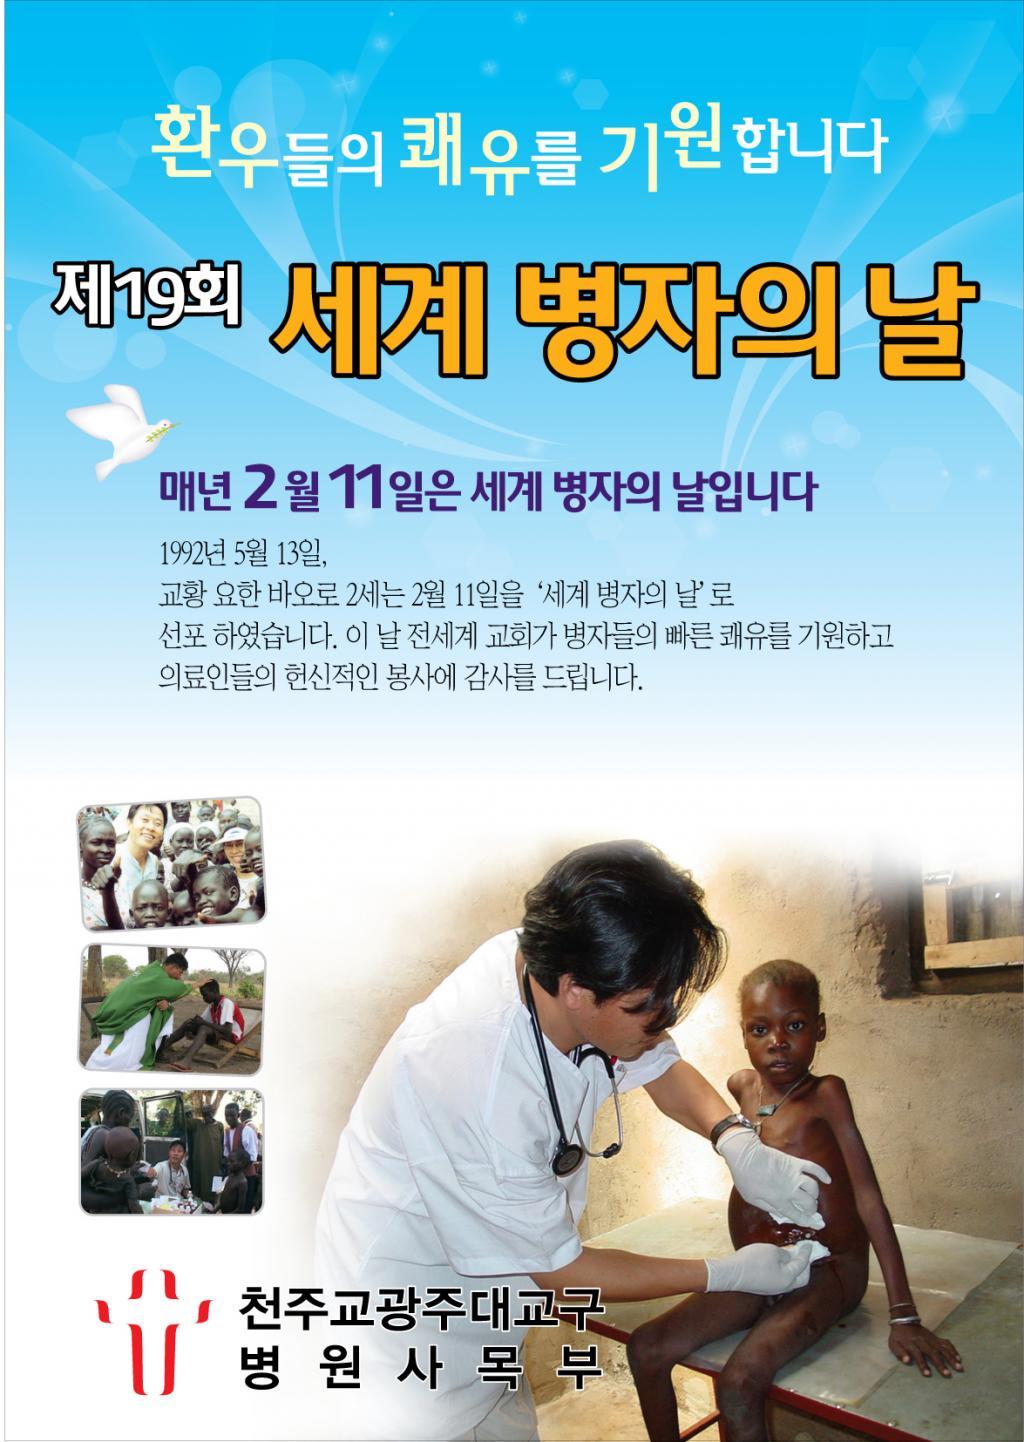 11-12첨부세계병자의날포스터.jpg